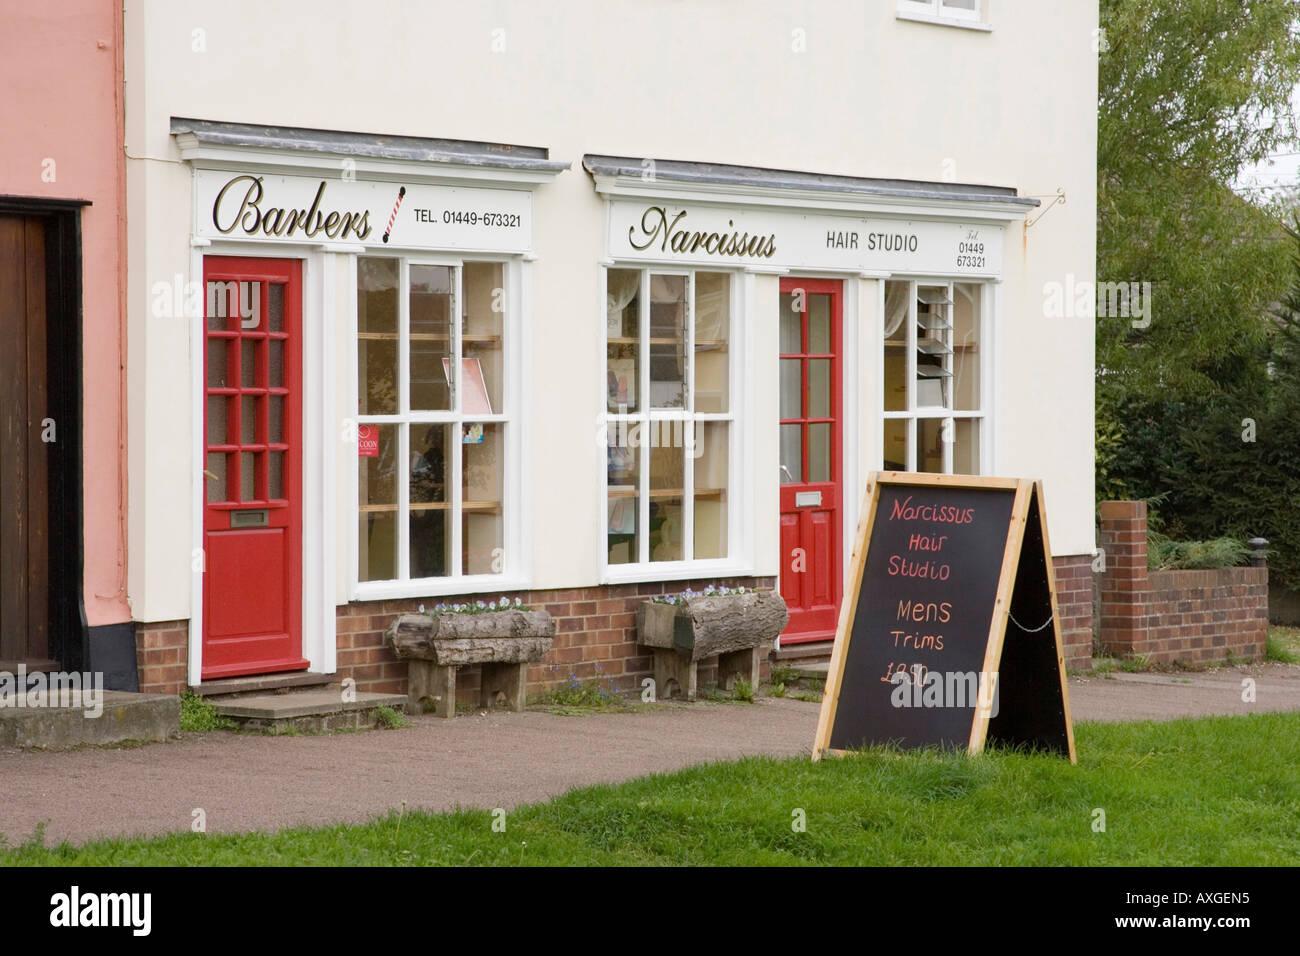 hairdresser salon in Haughley, Suffolk, UK - Stock Image